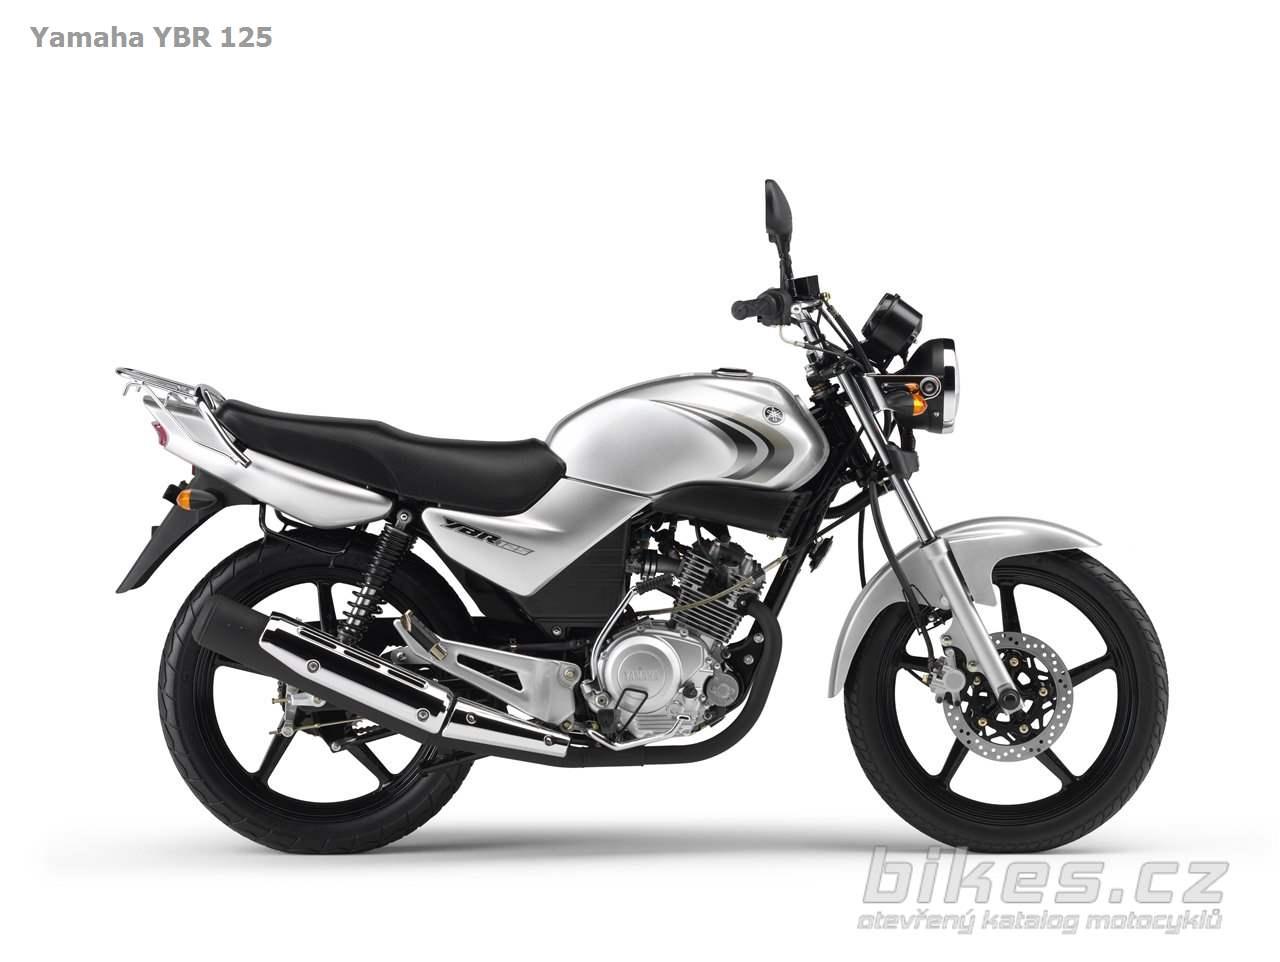 Yamaha ybr 125 2007 n zory motork technick for Yamaha ybr 125